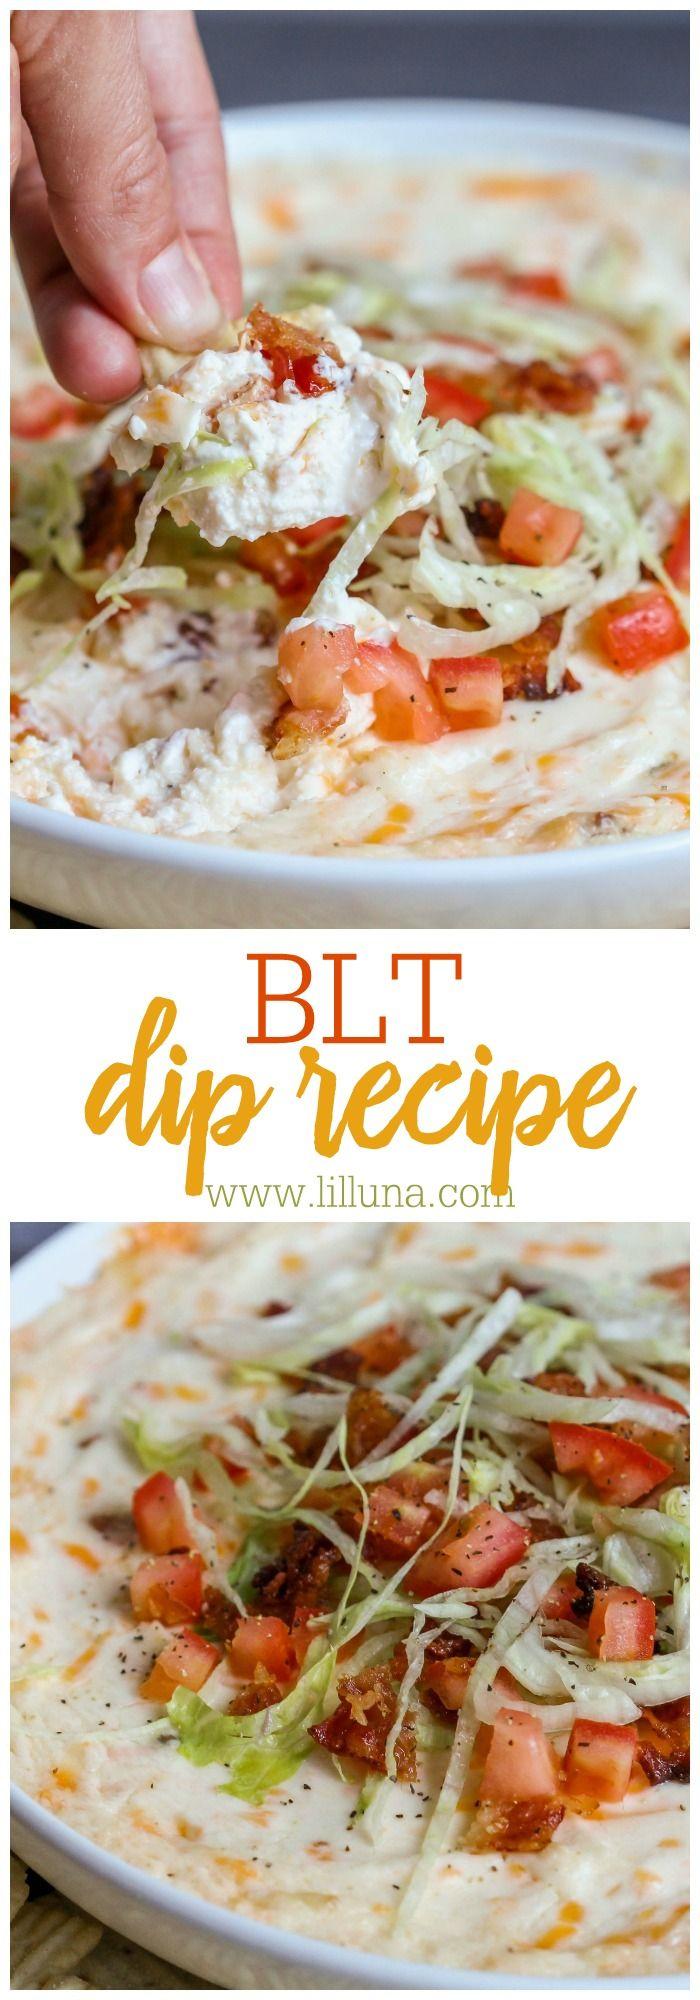 BLT-dip-collage